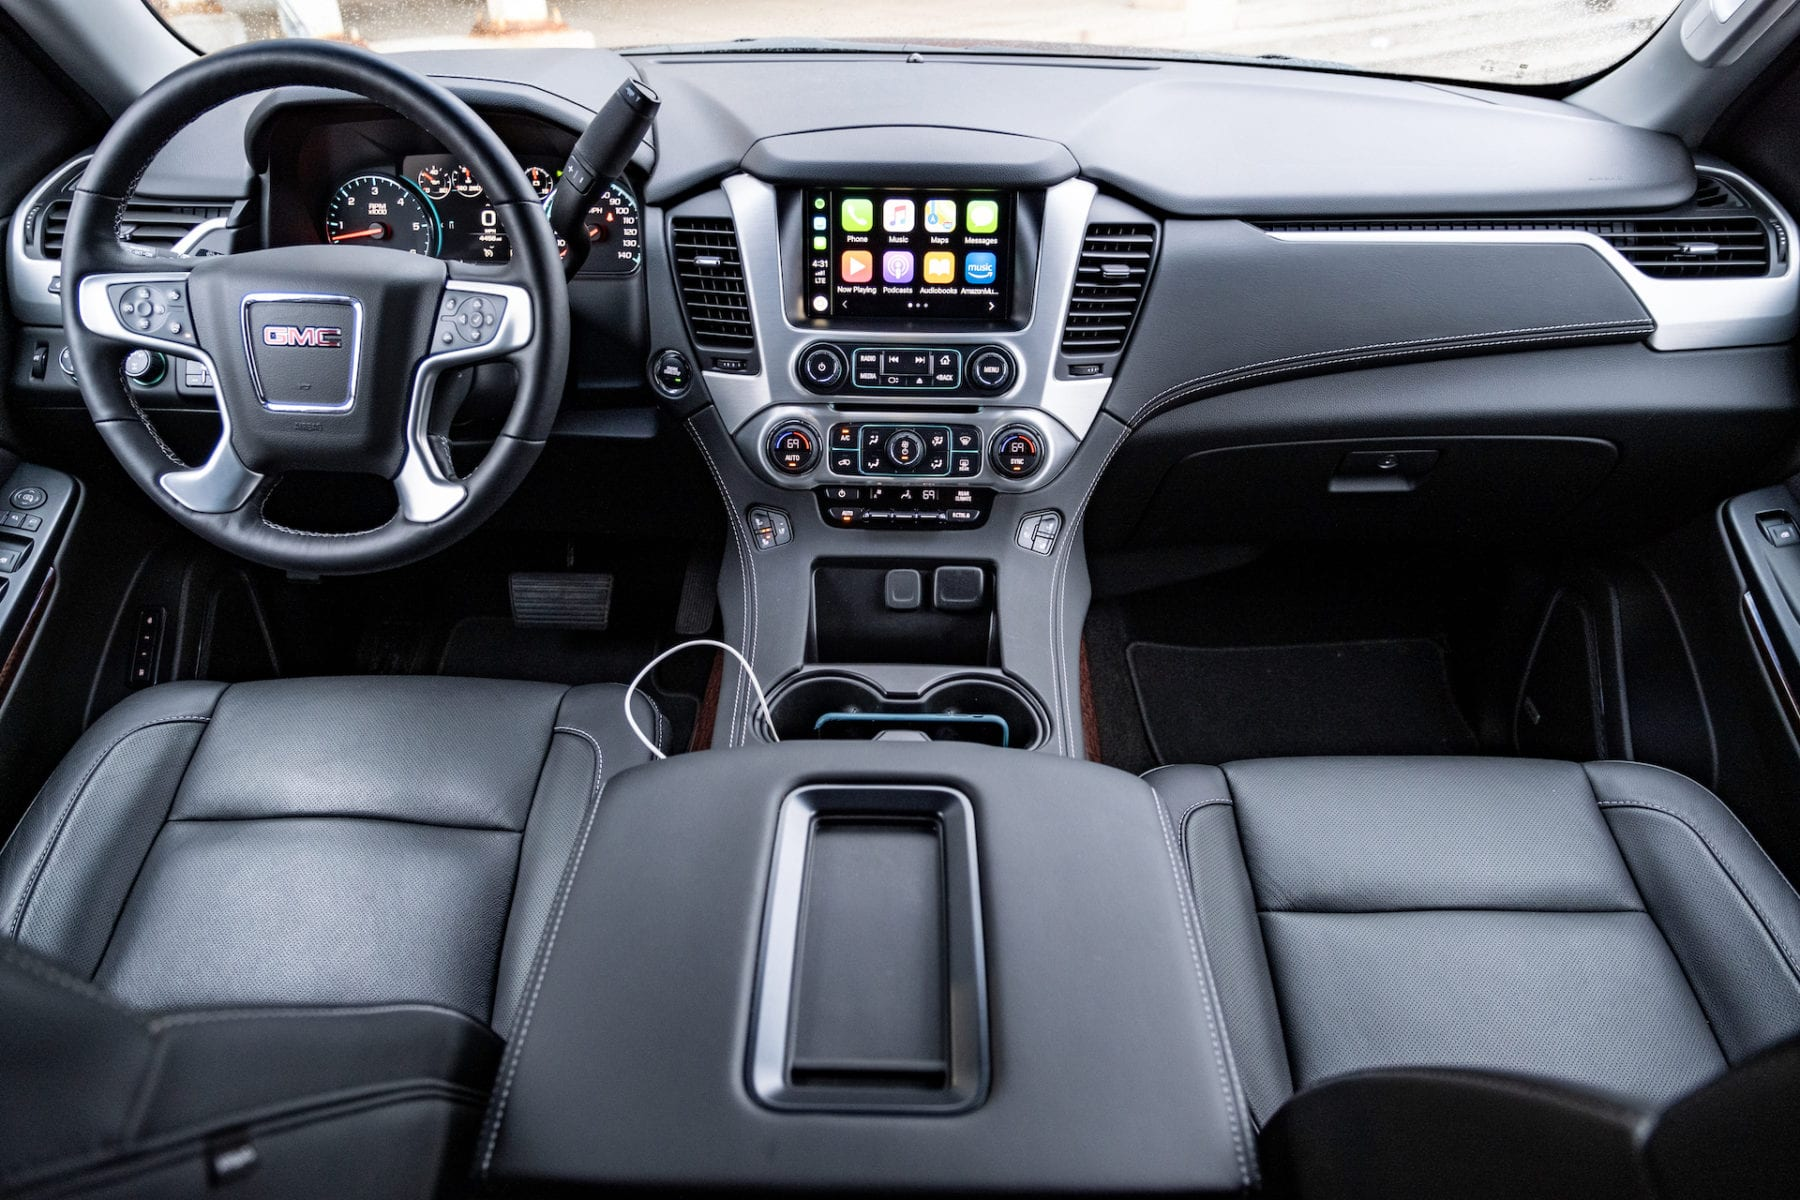 2019 GMC Yukon Dash